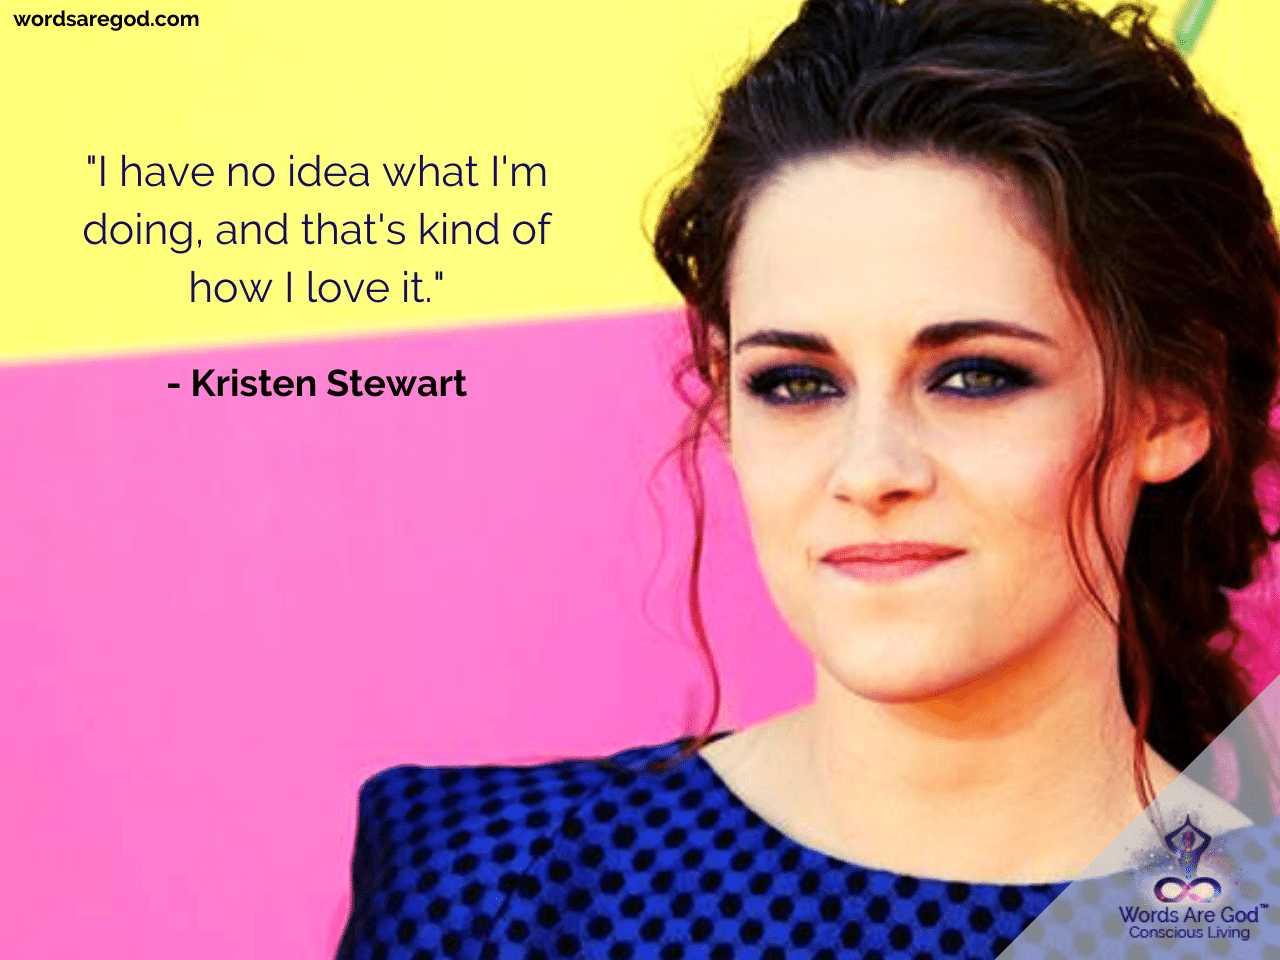 Kristen Stewart Inspirational Quotes by Kristen Stewart